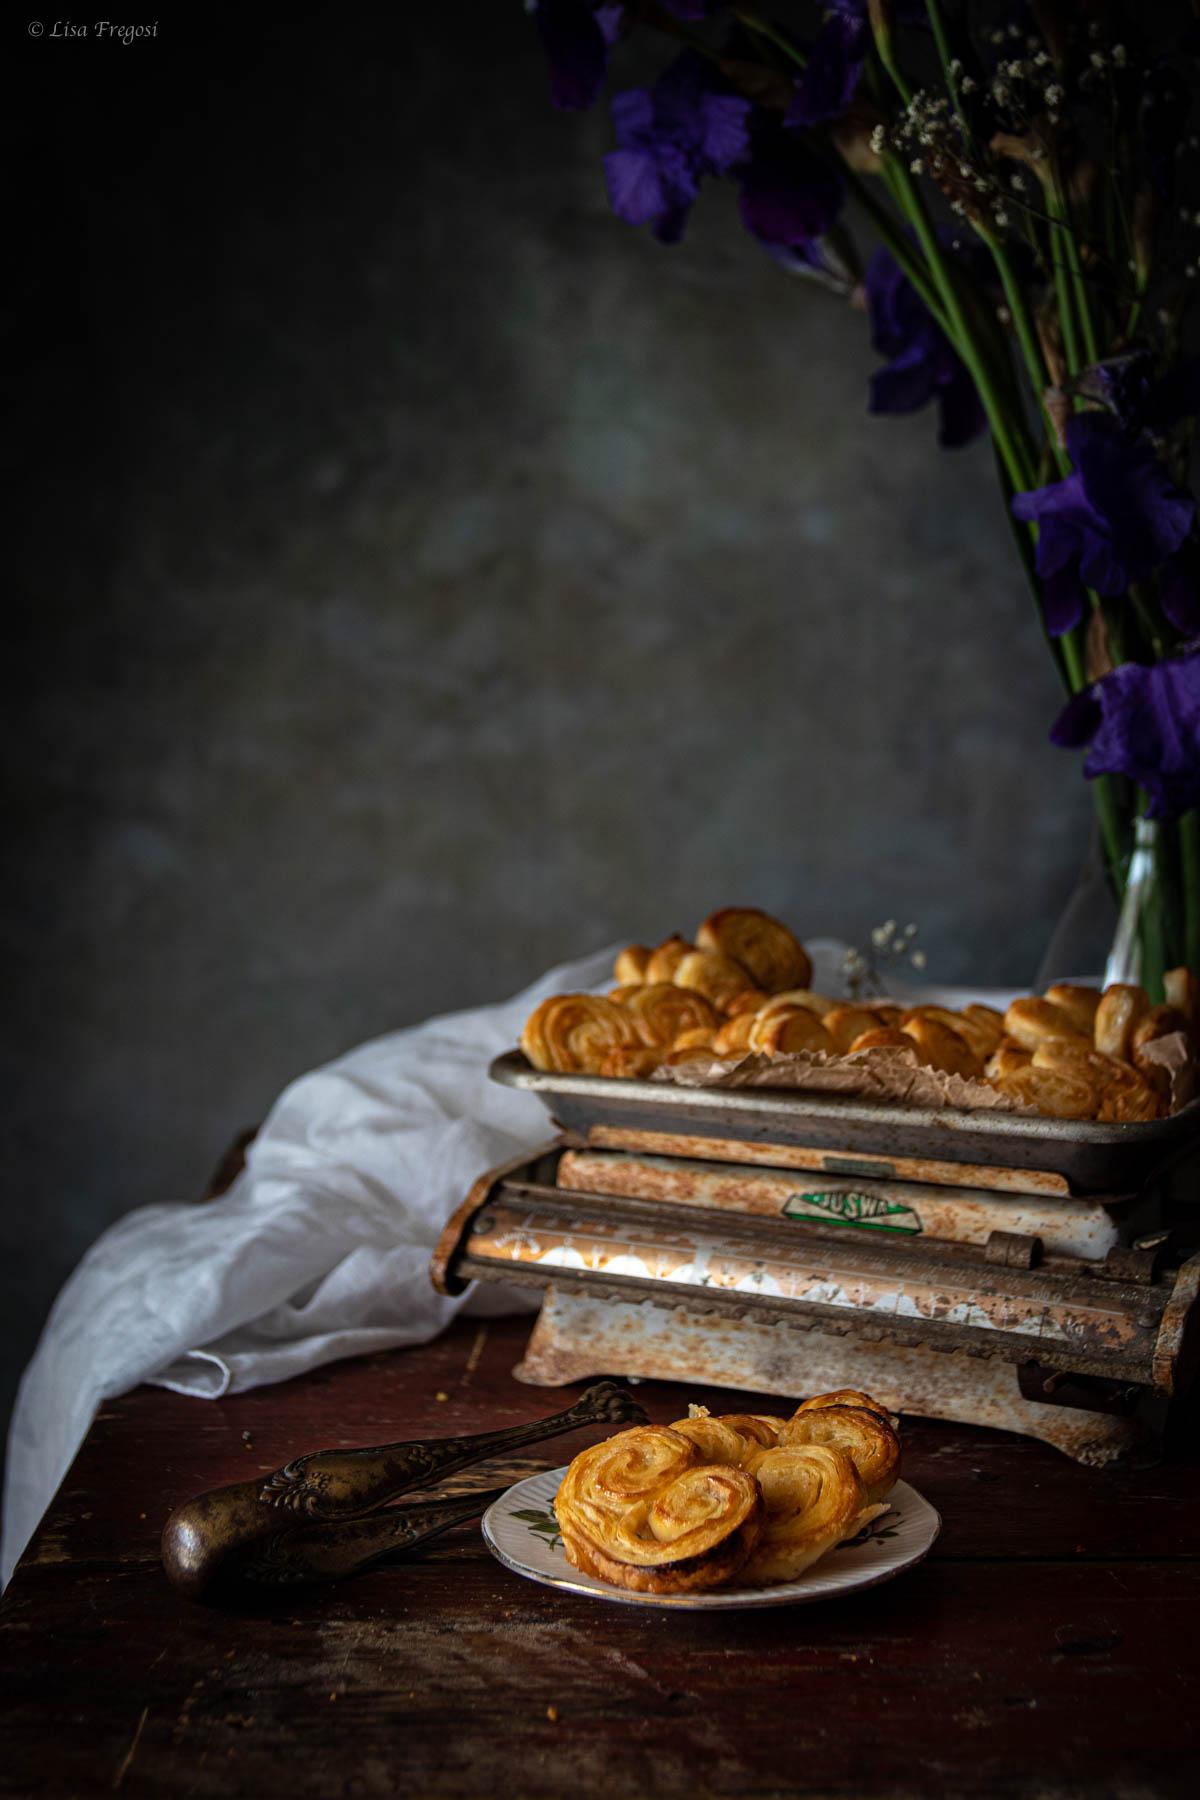 ventaglietti di pasta sfoglia, ventagli di sfoglia lucake, ventaglietti di pasta sfoglia lucake, ventagli sfoglia misya,